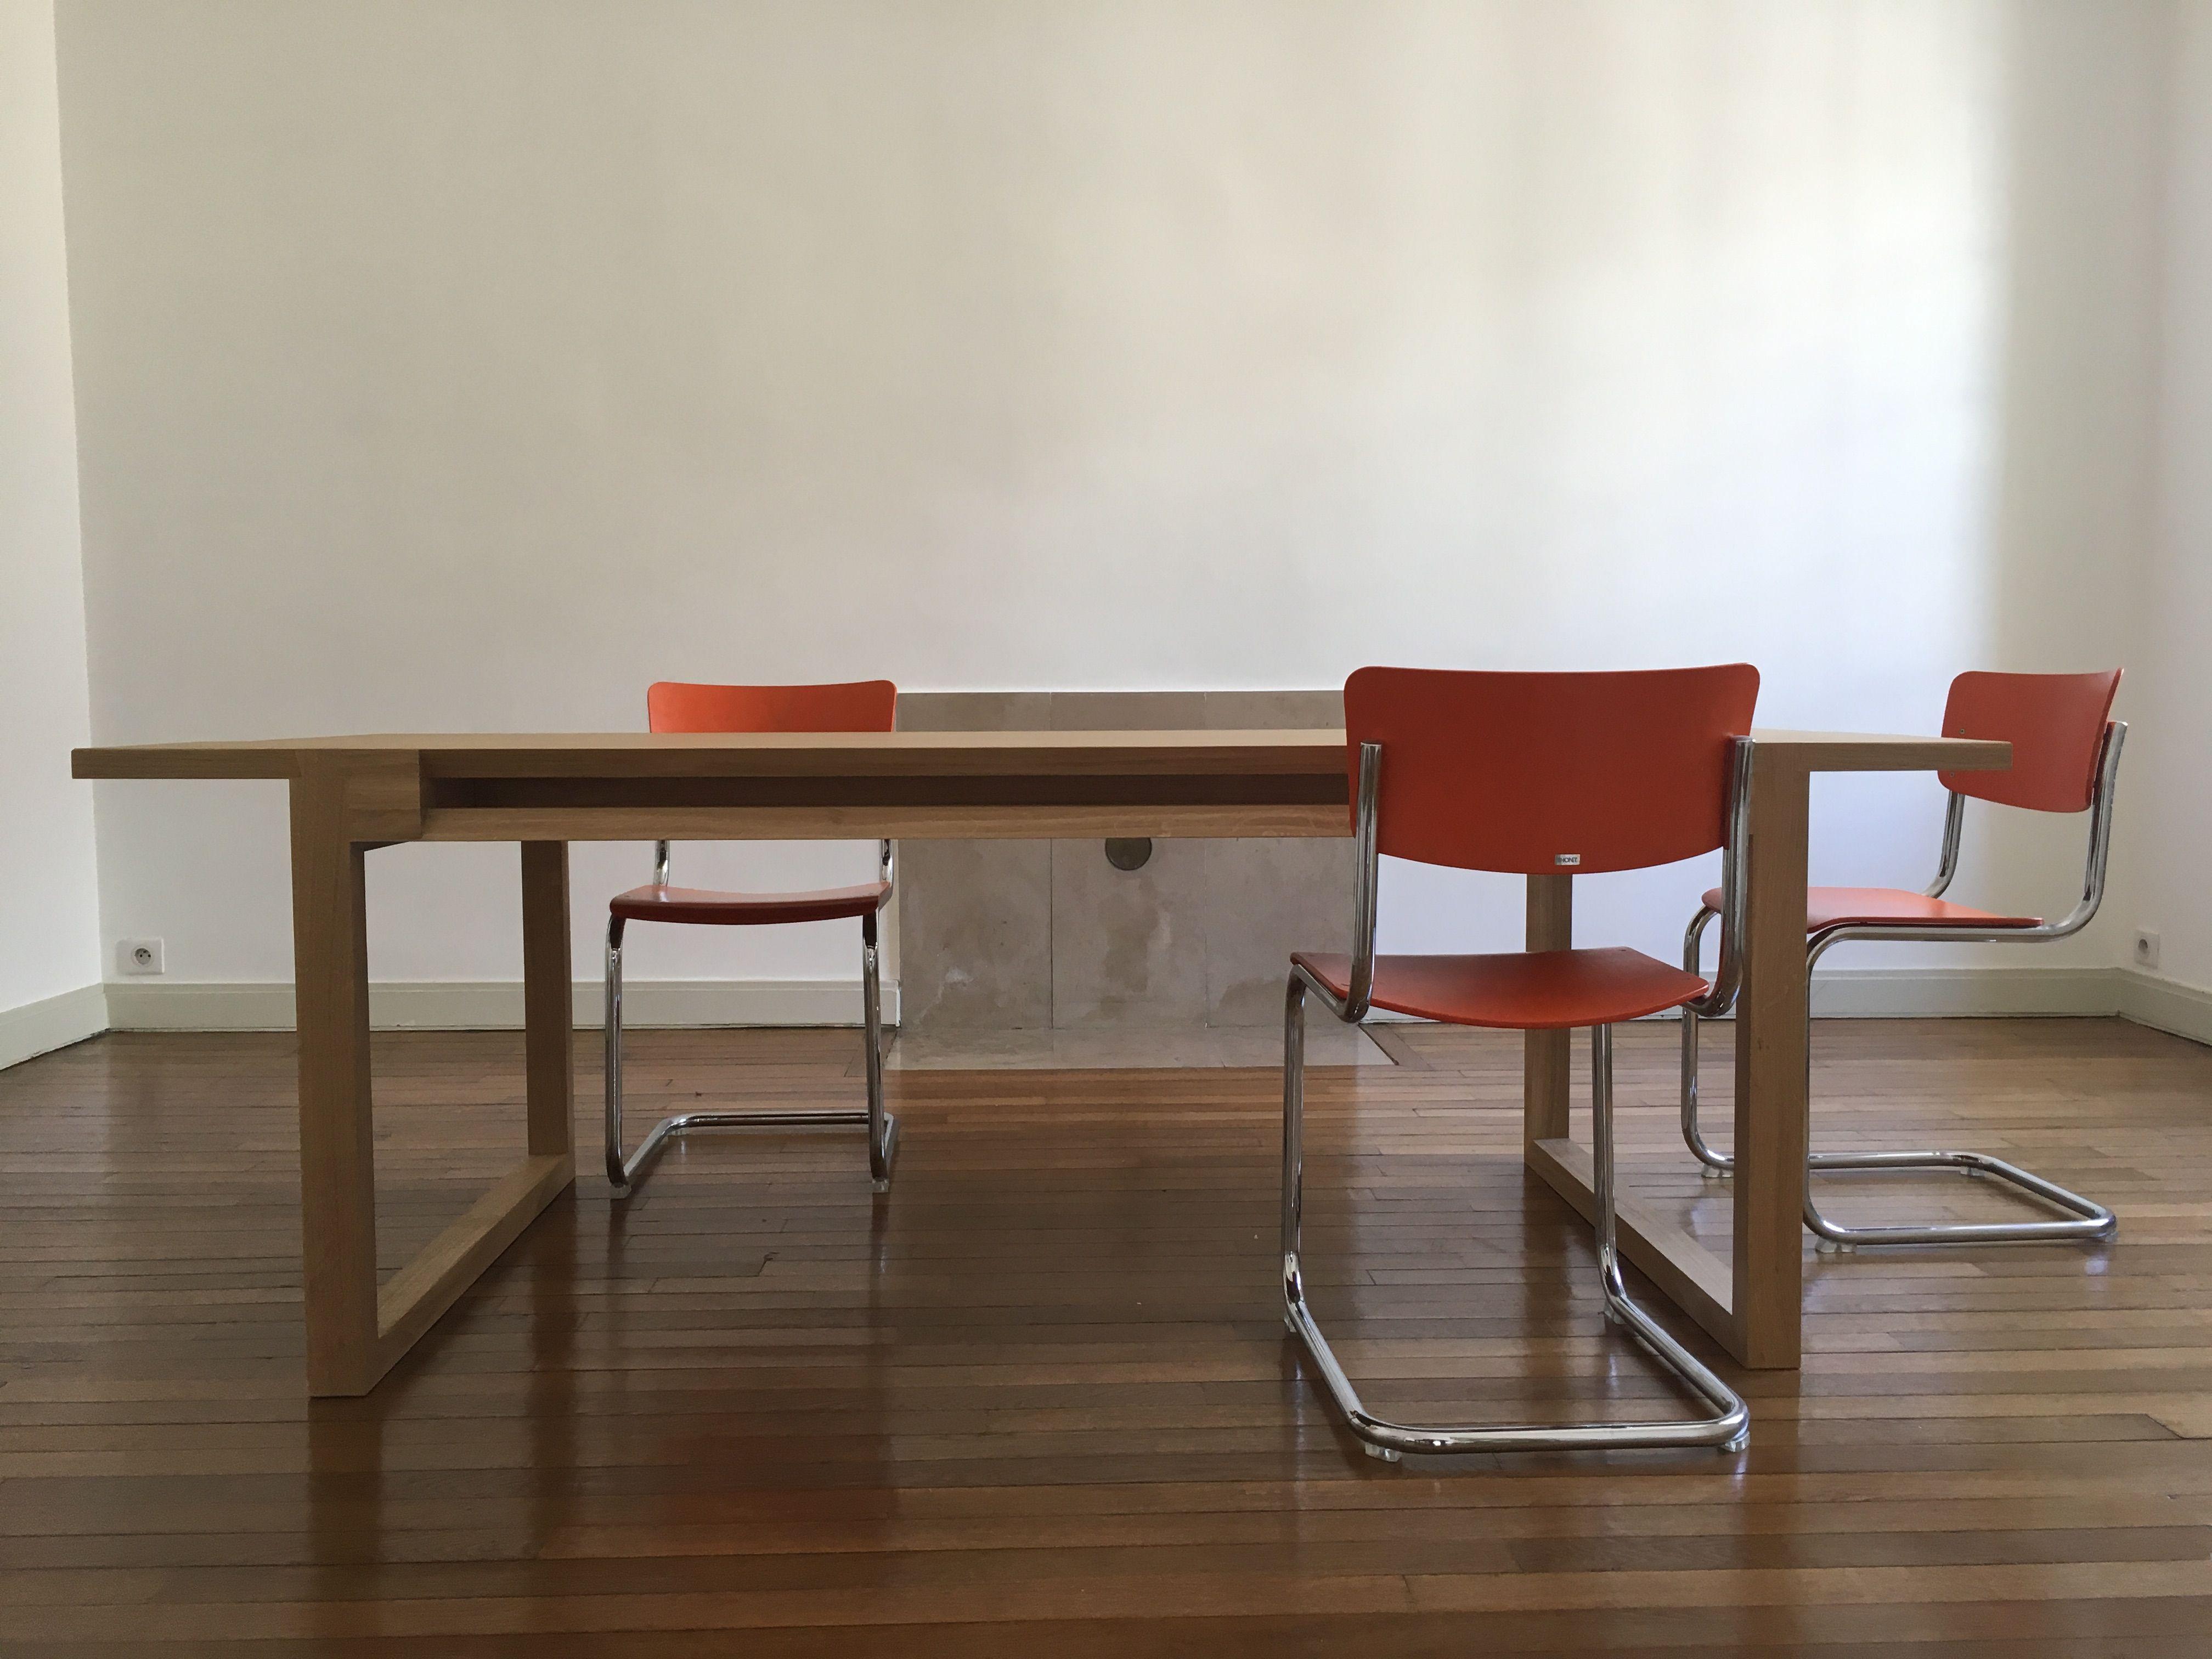 Thomas salle à Dumoulin de Dining table table par manger RL3j54A